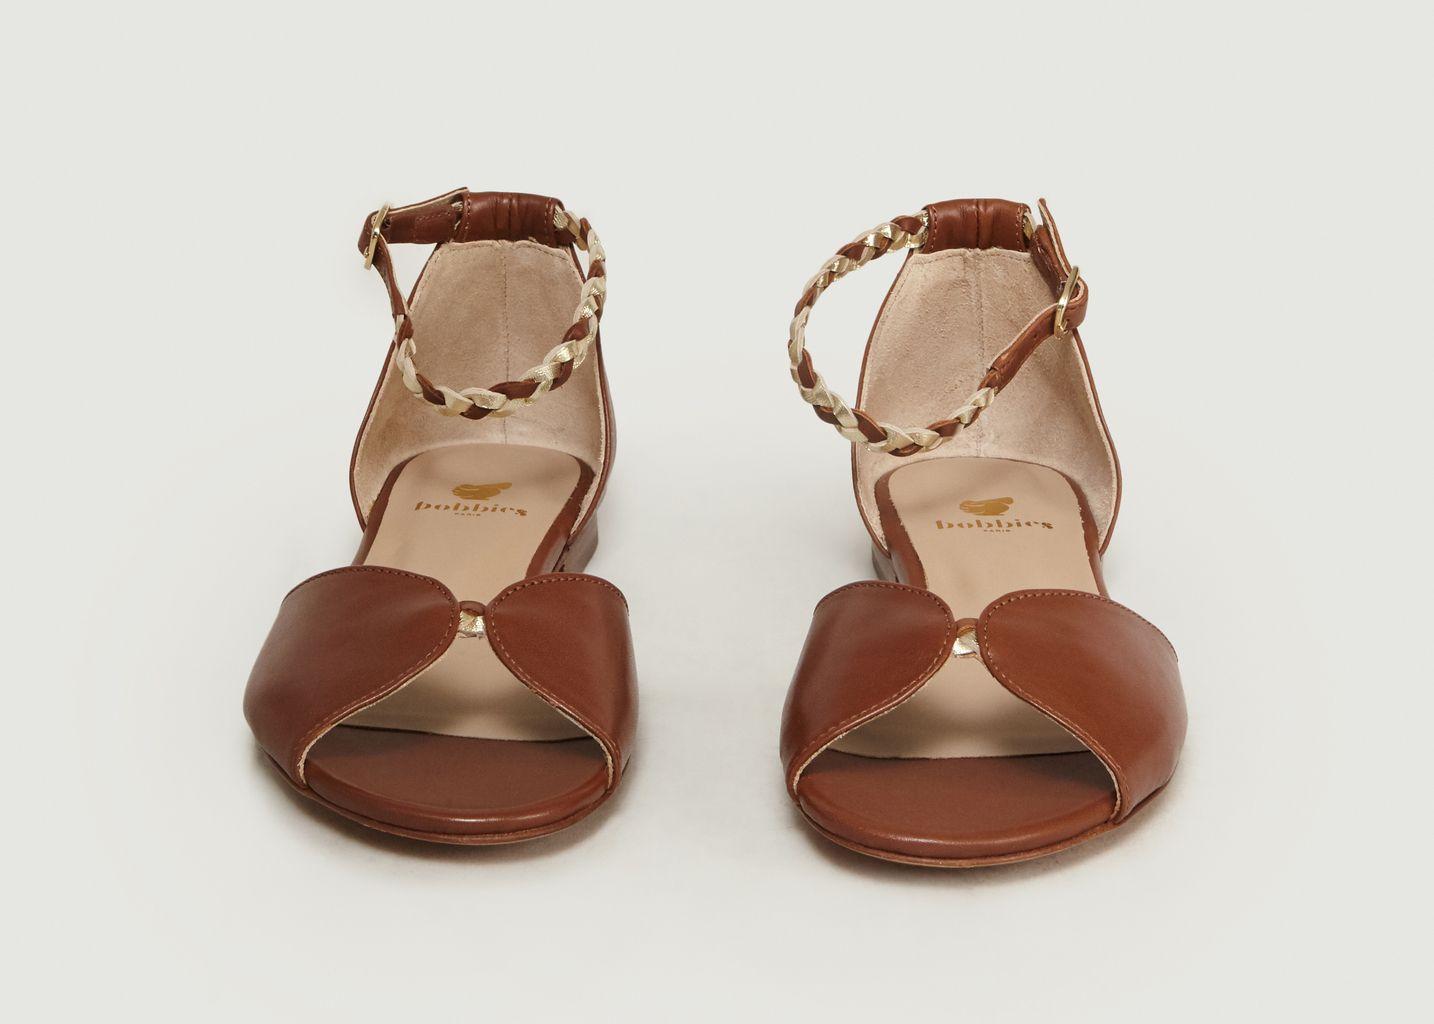 Sandales En Cuir La Douce - Bobbies Paris